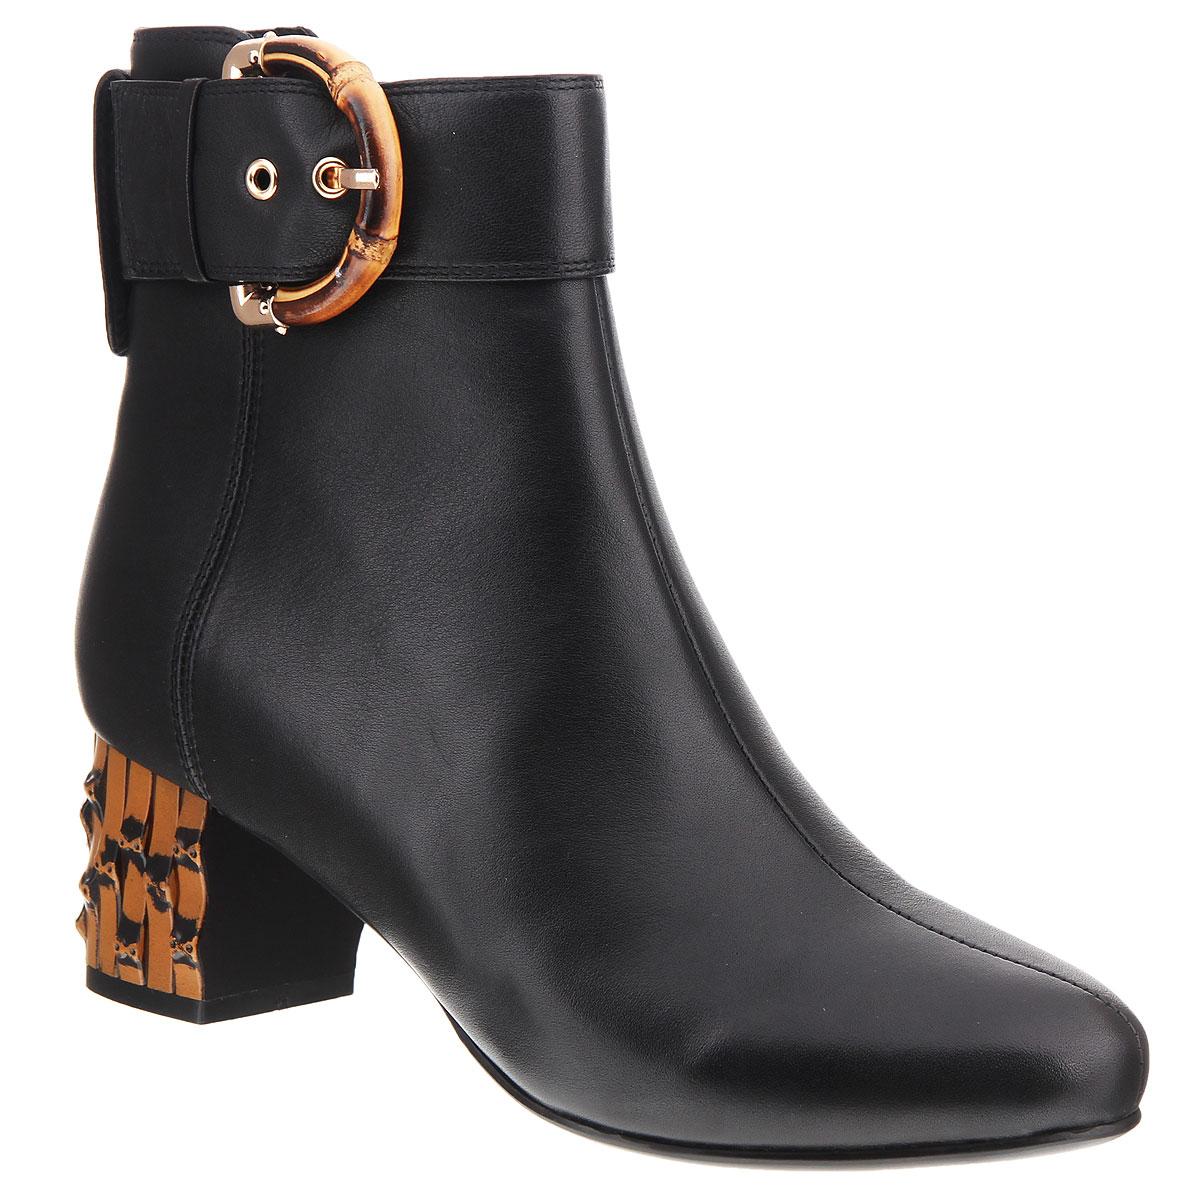 Полусапоги женские. 6021B-610-1-L6021B-610-1-LЖенские полусапоги на каблуке от Lisette прекрасно подчеркнут ваш стиль. Верх модели выполнен из натуральной кожи. Мягкая байковая подкладка и стелька не позволят вашим ногам замерзнуть. Застегиваются полусапоги на застежку-молнию. Оформлена модель декоративным ремешком с оригинальной пряжкой и хлястиком на заднике с металлической клепкой. Подошва выполнена из прочной резины с противоскользящим рифлением. Устойчивый широкий каблук оформлен декоративной отделкой. Такие полусапоги сделают вас ярче и подчеркнут вашу индивидуальность.